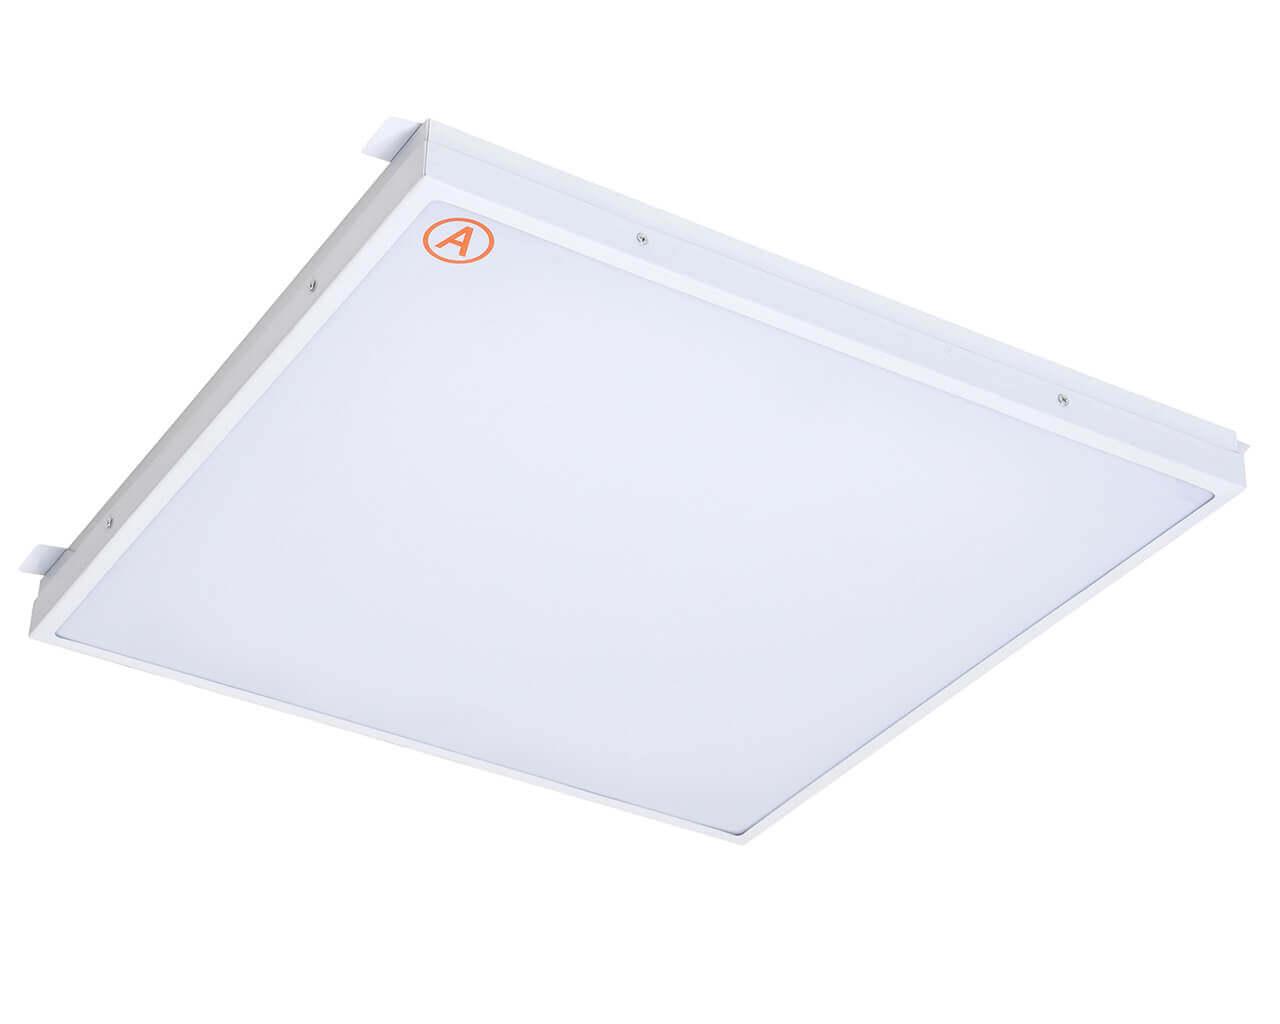 Встраиваемый светильник LC-GIP-40-OP 580x580 Теплый белый Опал с Бап-3 часа